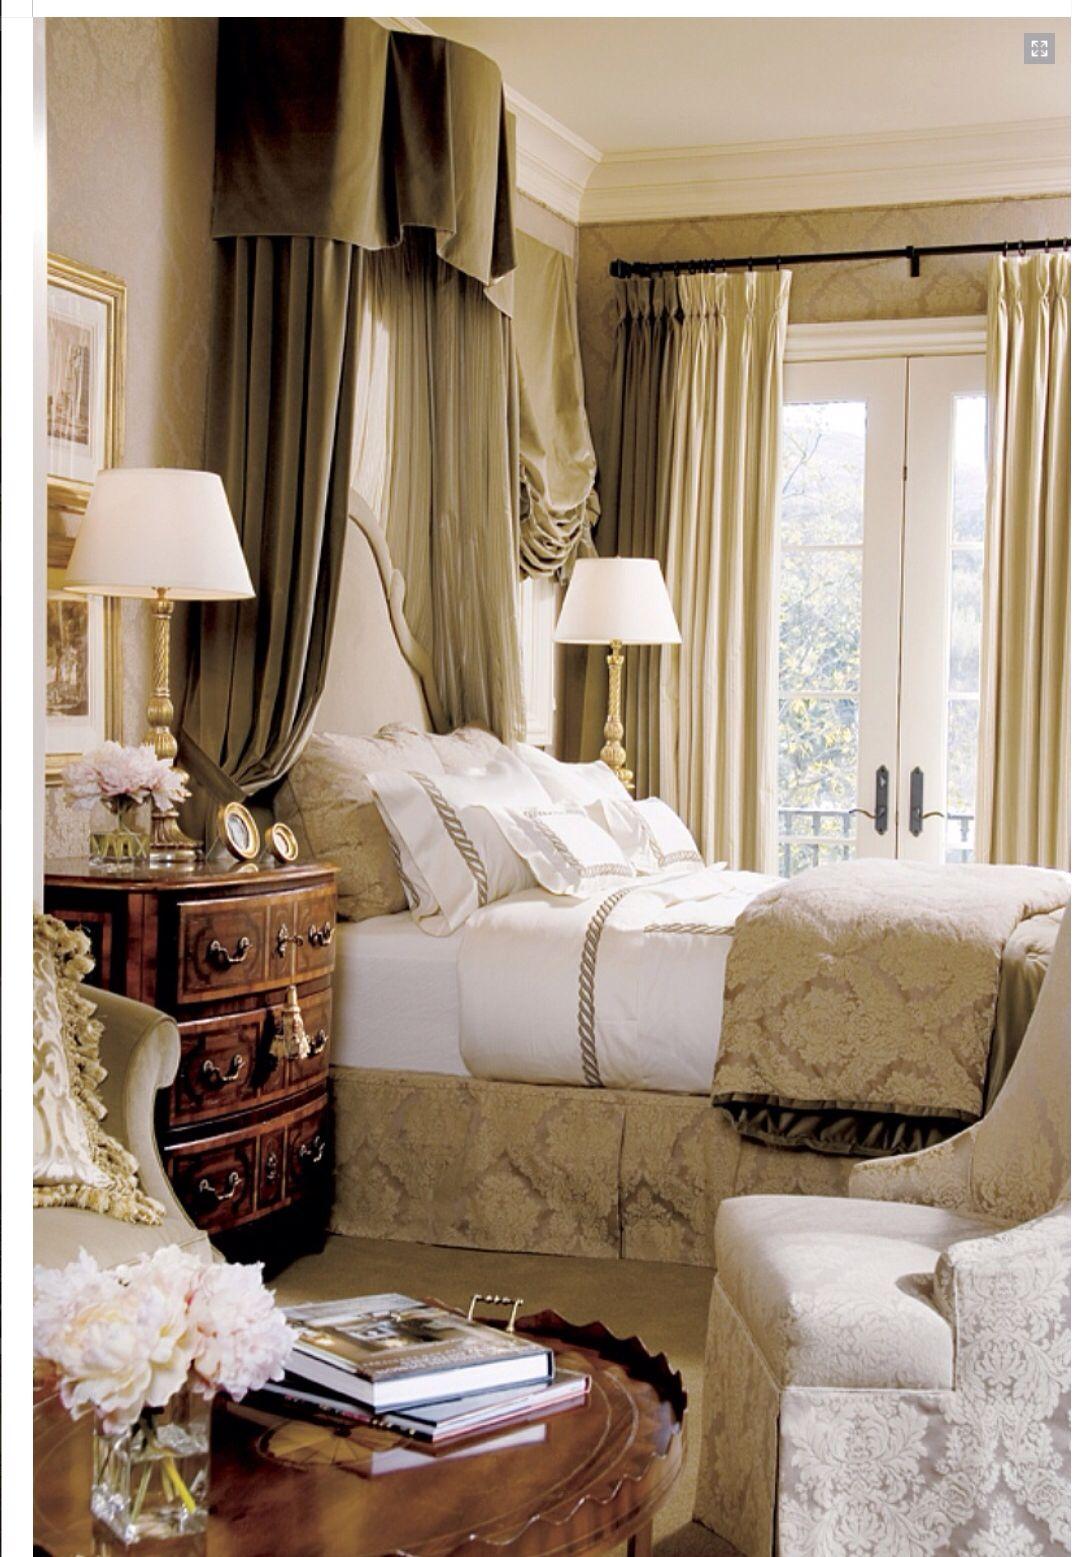 Elegant bedroom | Old World Decorating | Pinterest | Bedrooms ...